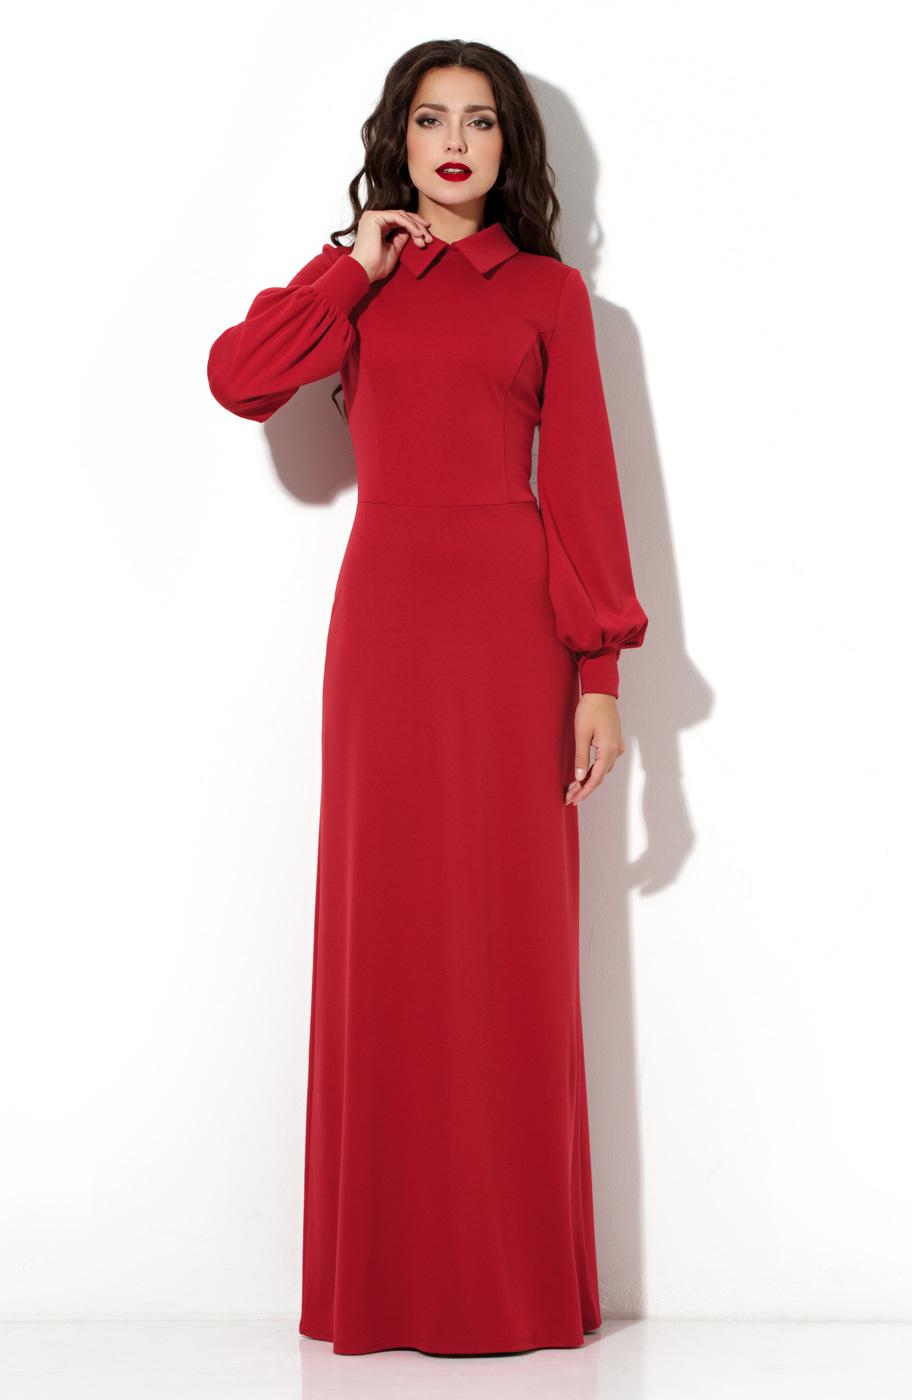 f6e9e9b8b7d Платье из джерси Donna-Saggia DSP-190-29t от производителя